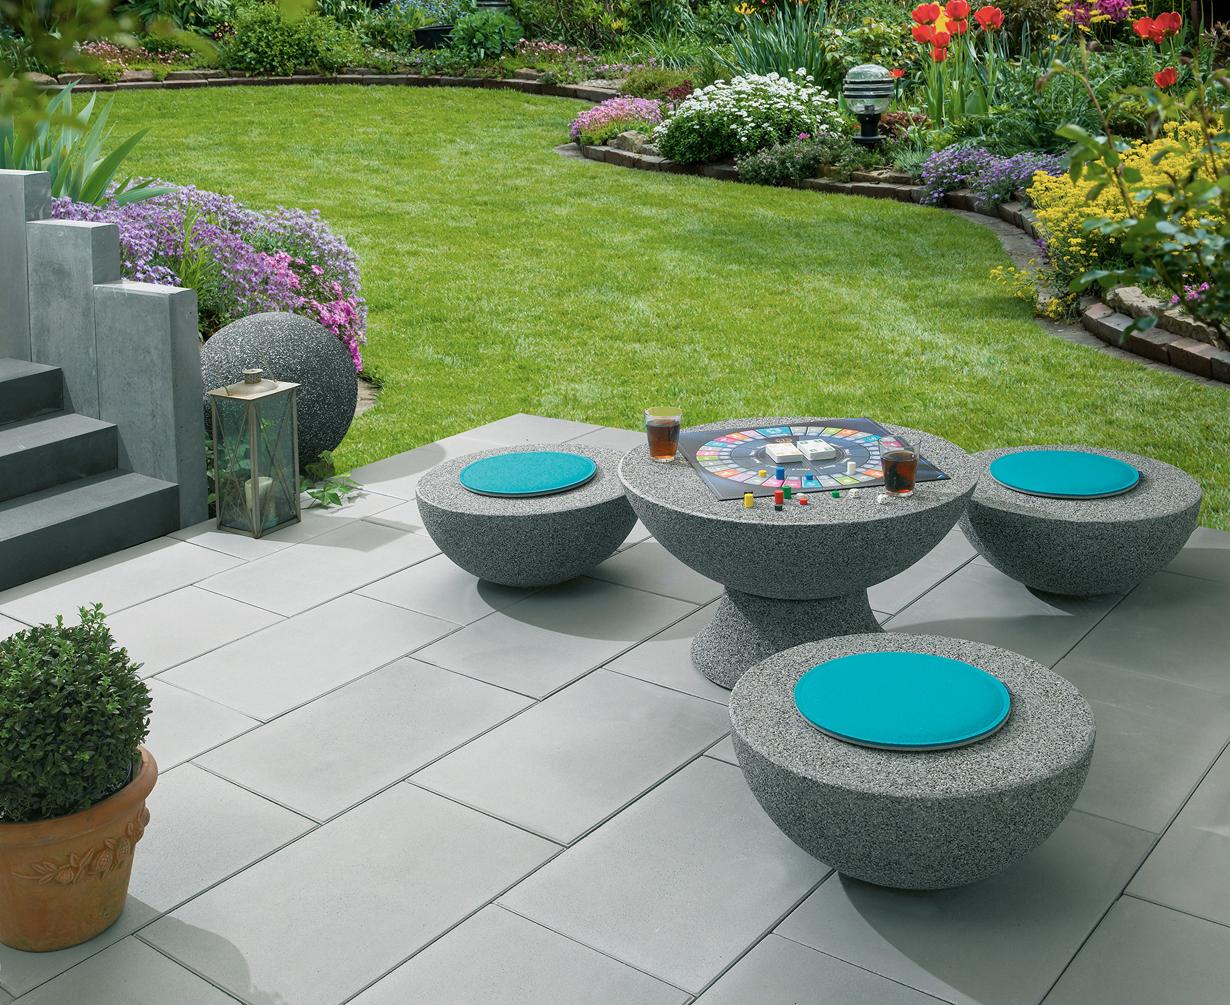 Gartenmöbel aus Stein und Bodenbeläge aus Keramik verleihen Garten und Terrasse eine edle Anmutung. Zudem überzeugen die Materialien durch ihre Widerstandsfähigkeit sowie leichte Handhabe. So wird der Außenbereich zur Komfortzone. (Bild: tdx/Hölzgen)